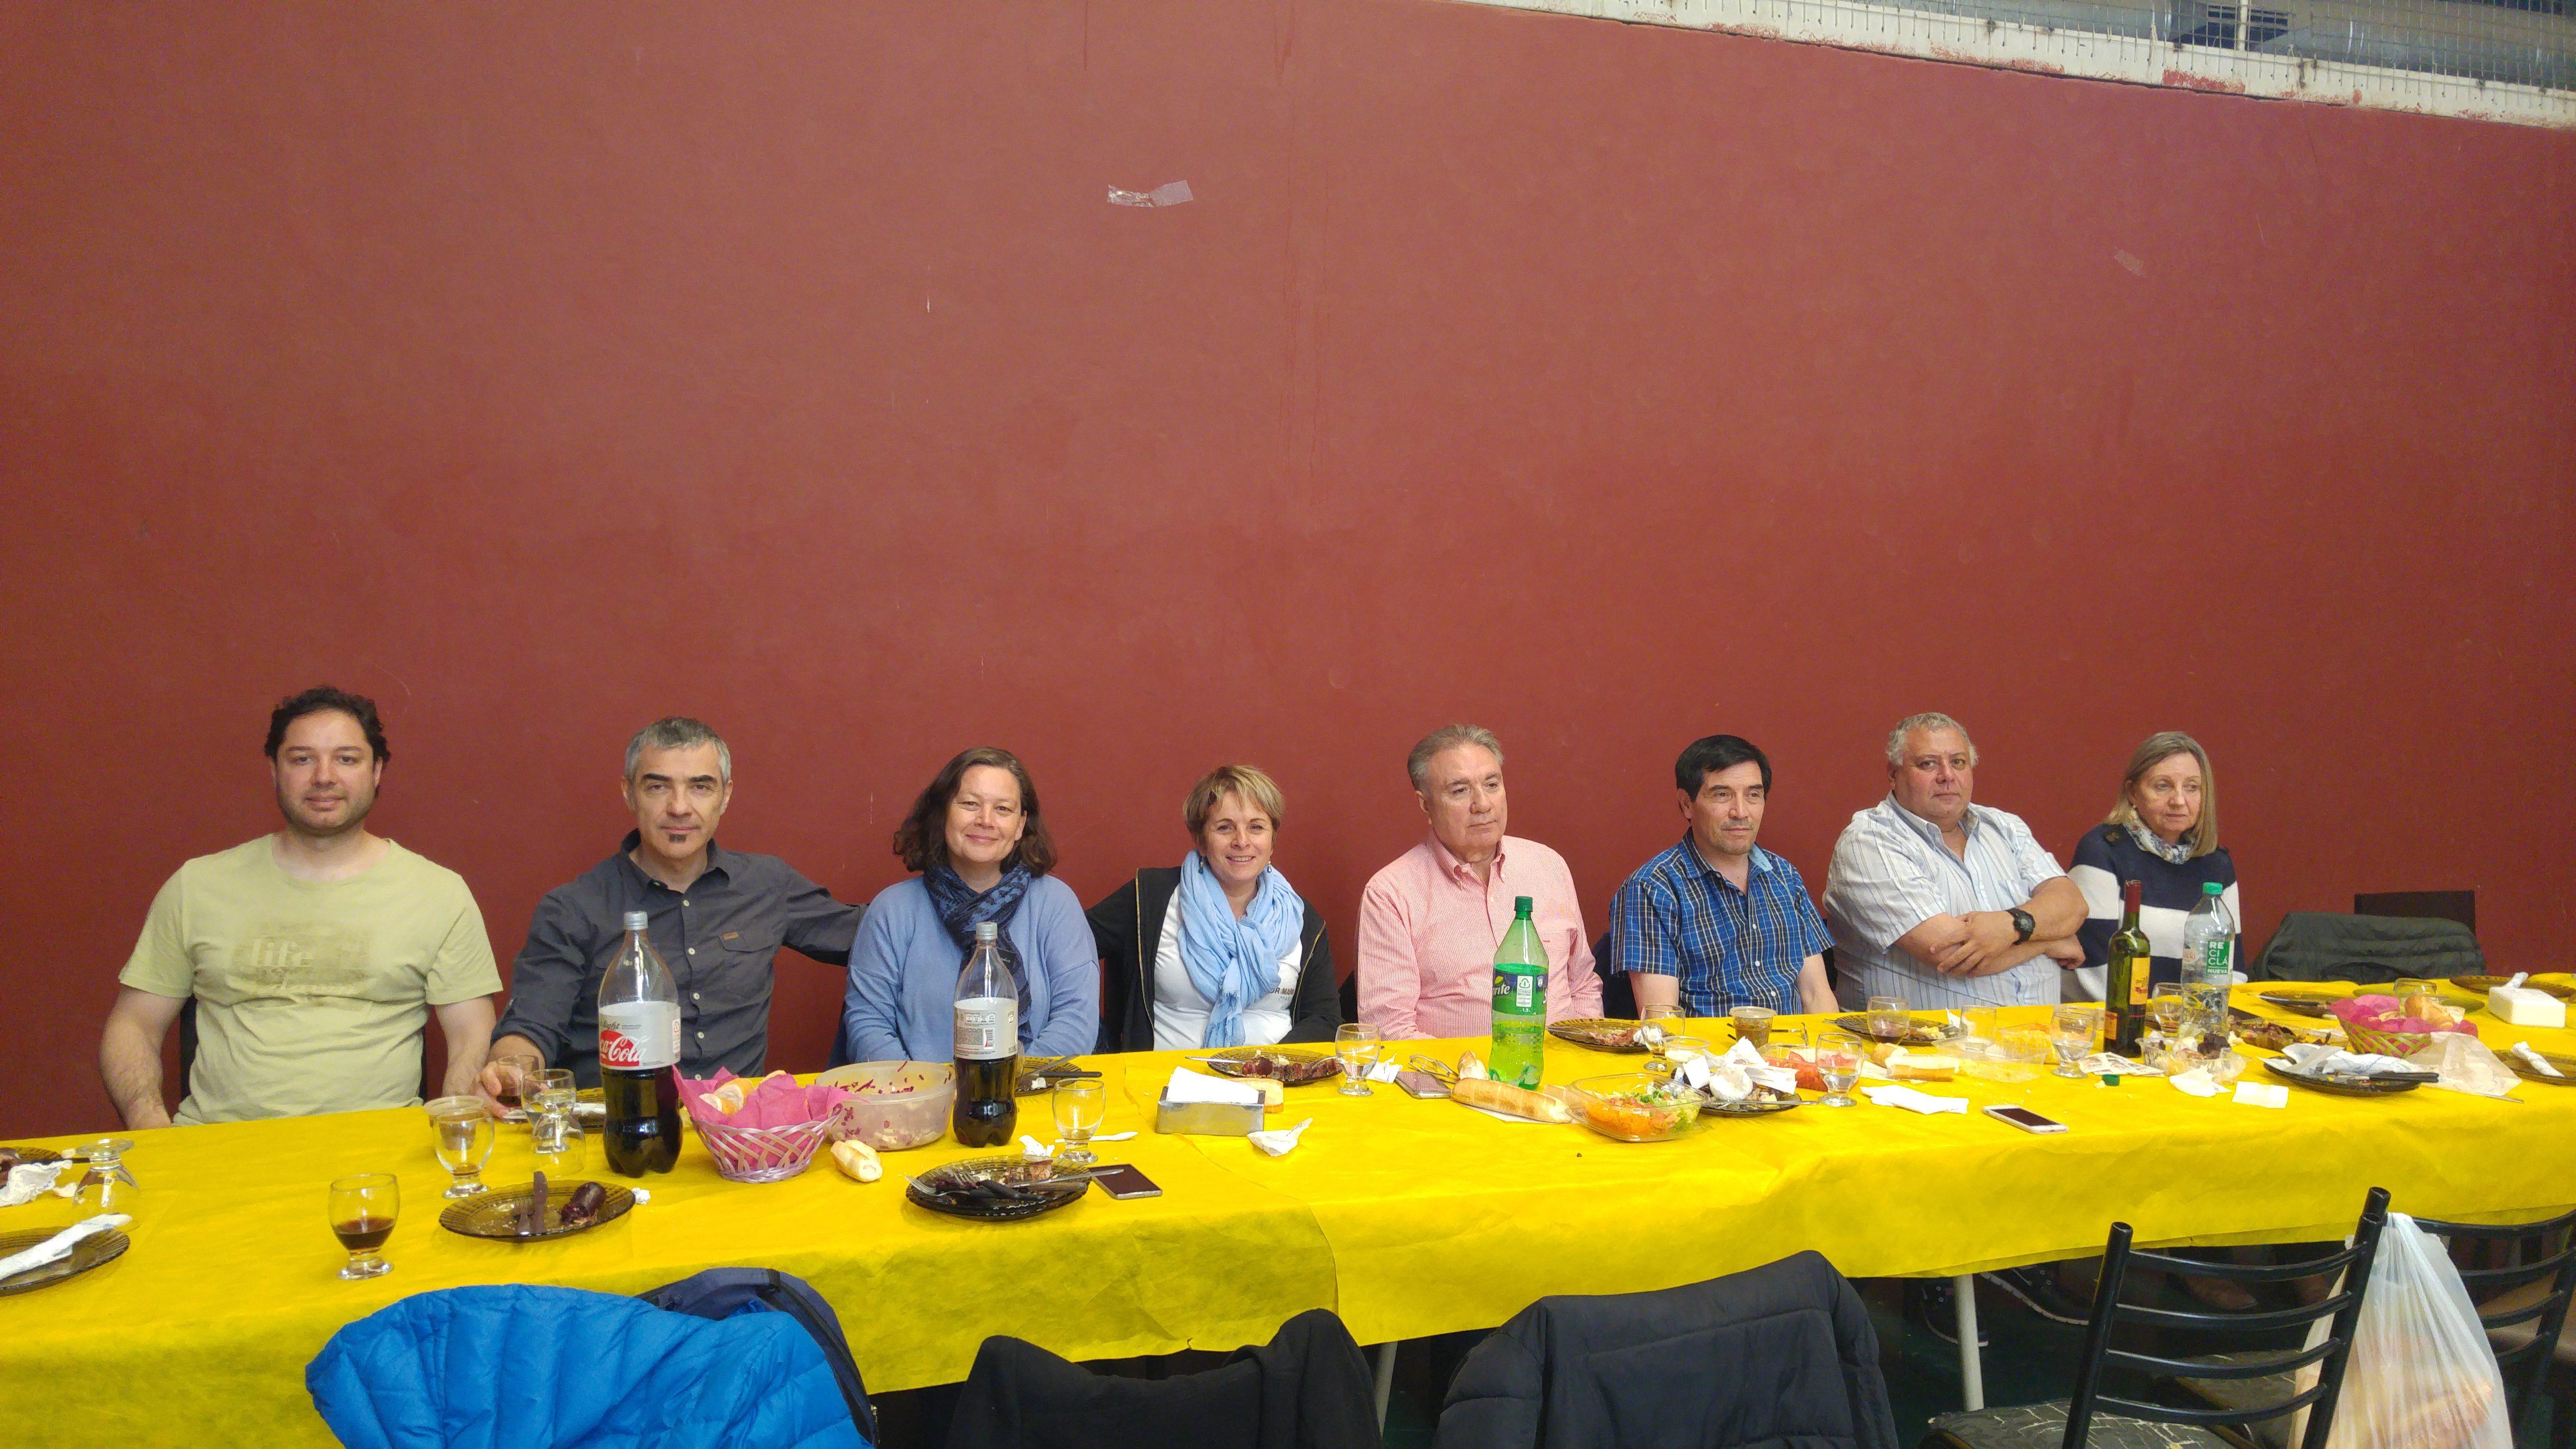 La comunidad educativa de la UTN celebró el cierre del ciclo lectivo con el tradicional brindis de fin de año.